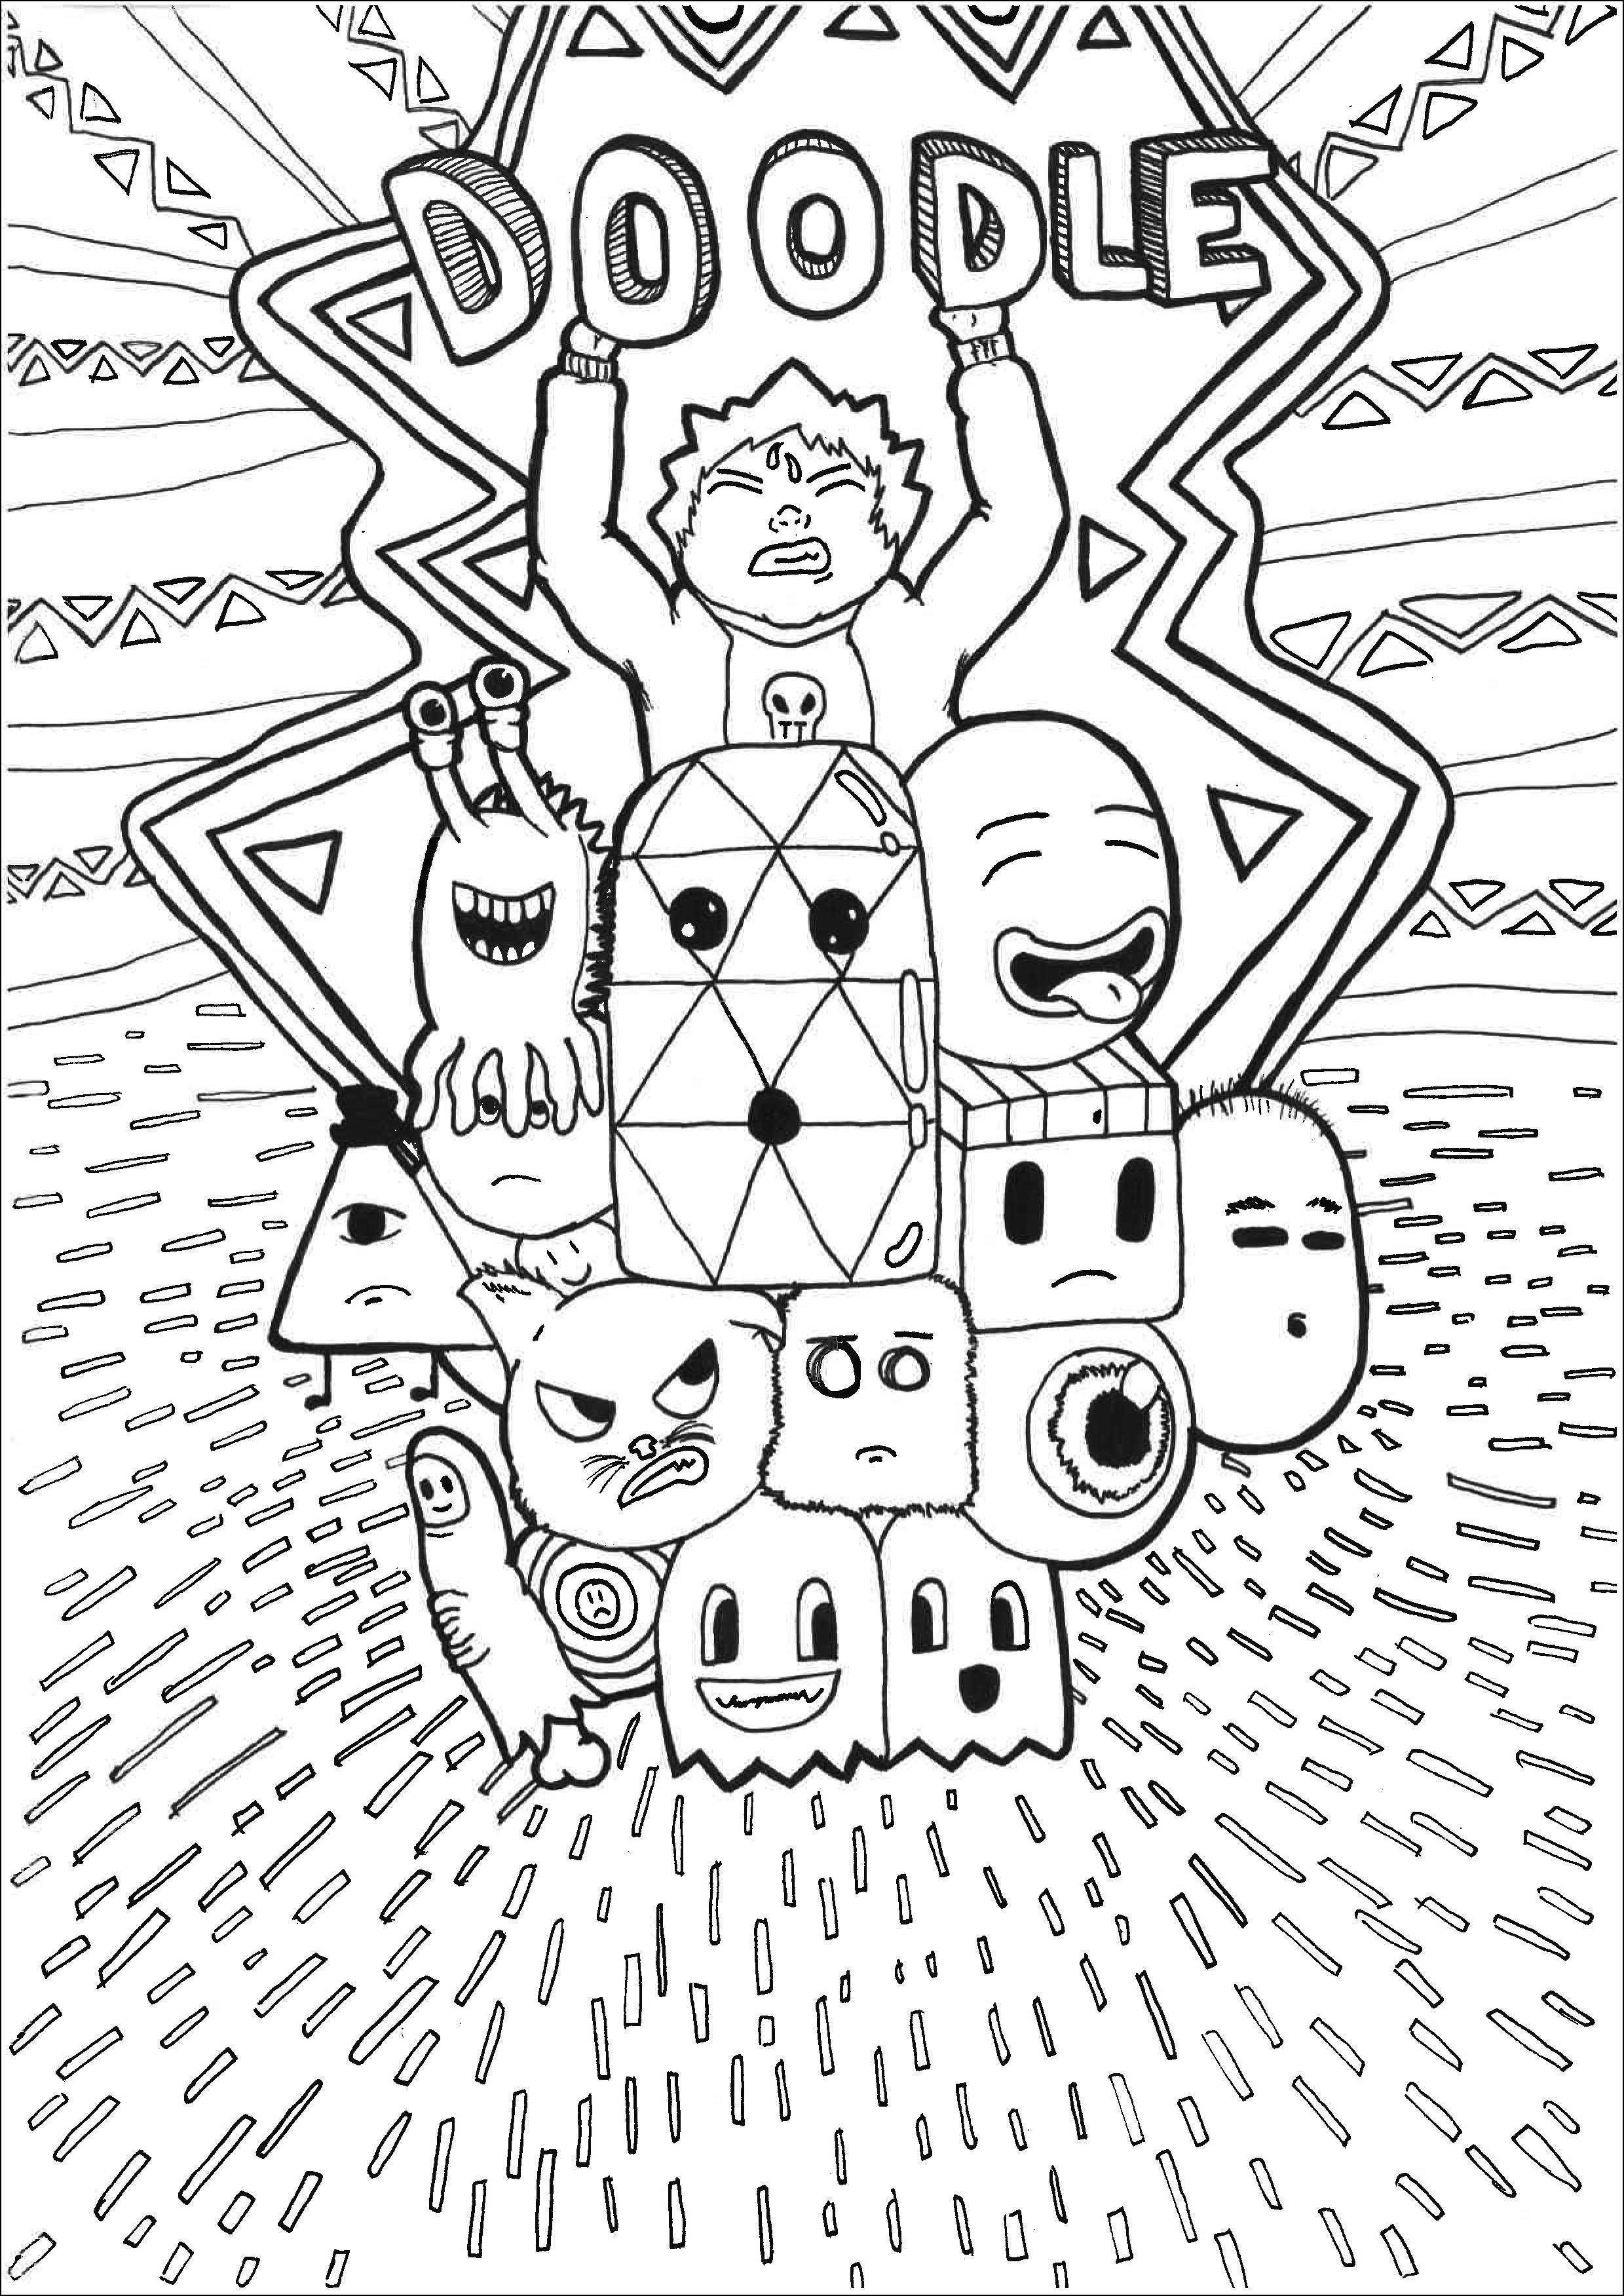 Coloriage Adulte Personnage.Doodle Personnages Doodles Coloriages Difficiles Pour Adultes